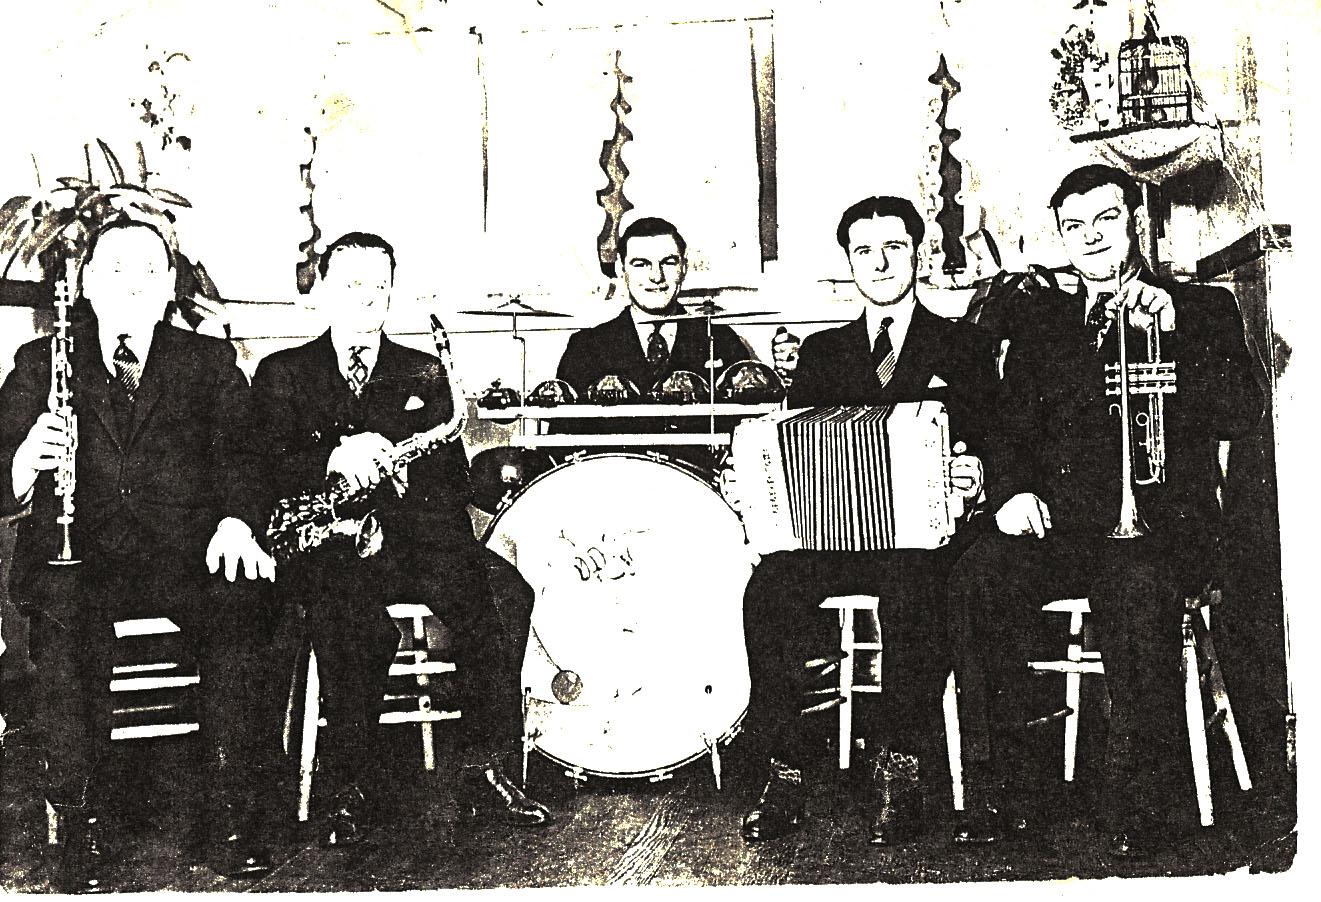 Johnny Mika Orchestra Chicago, IL